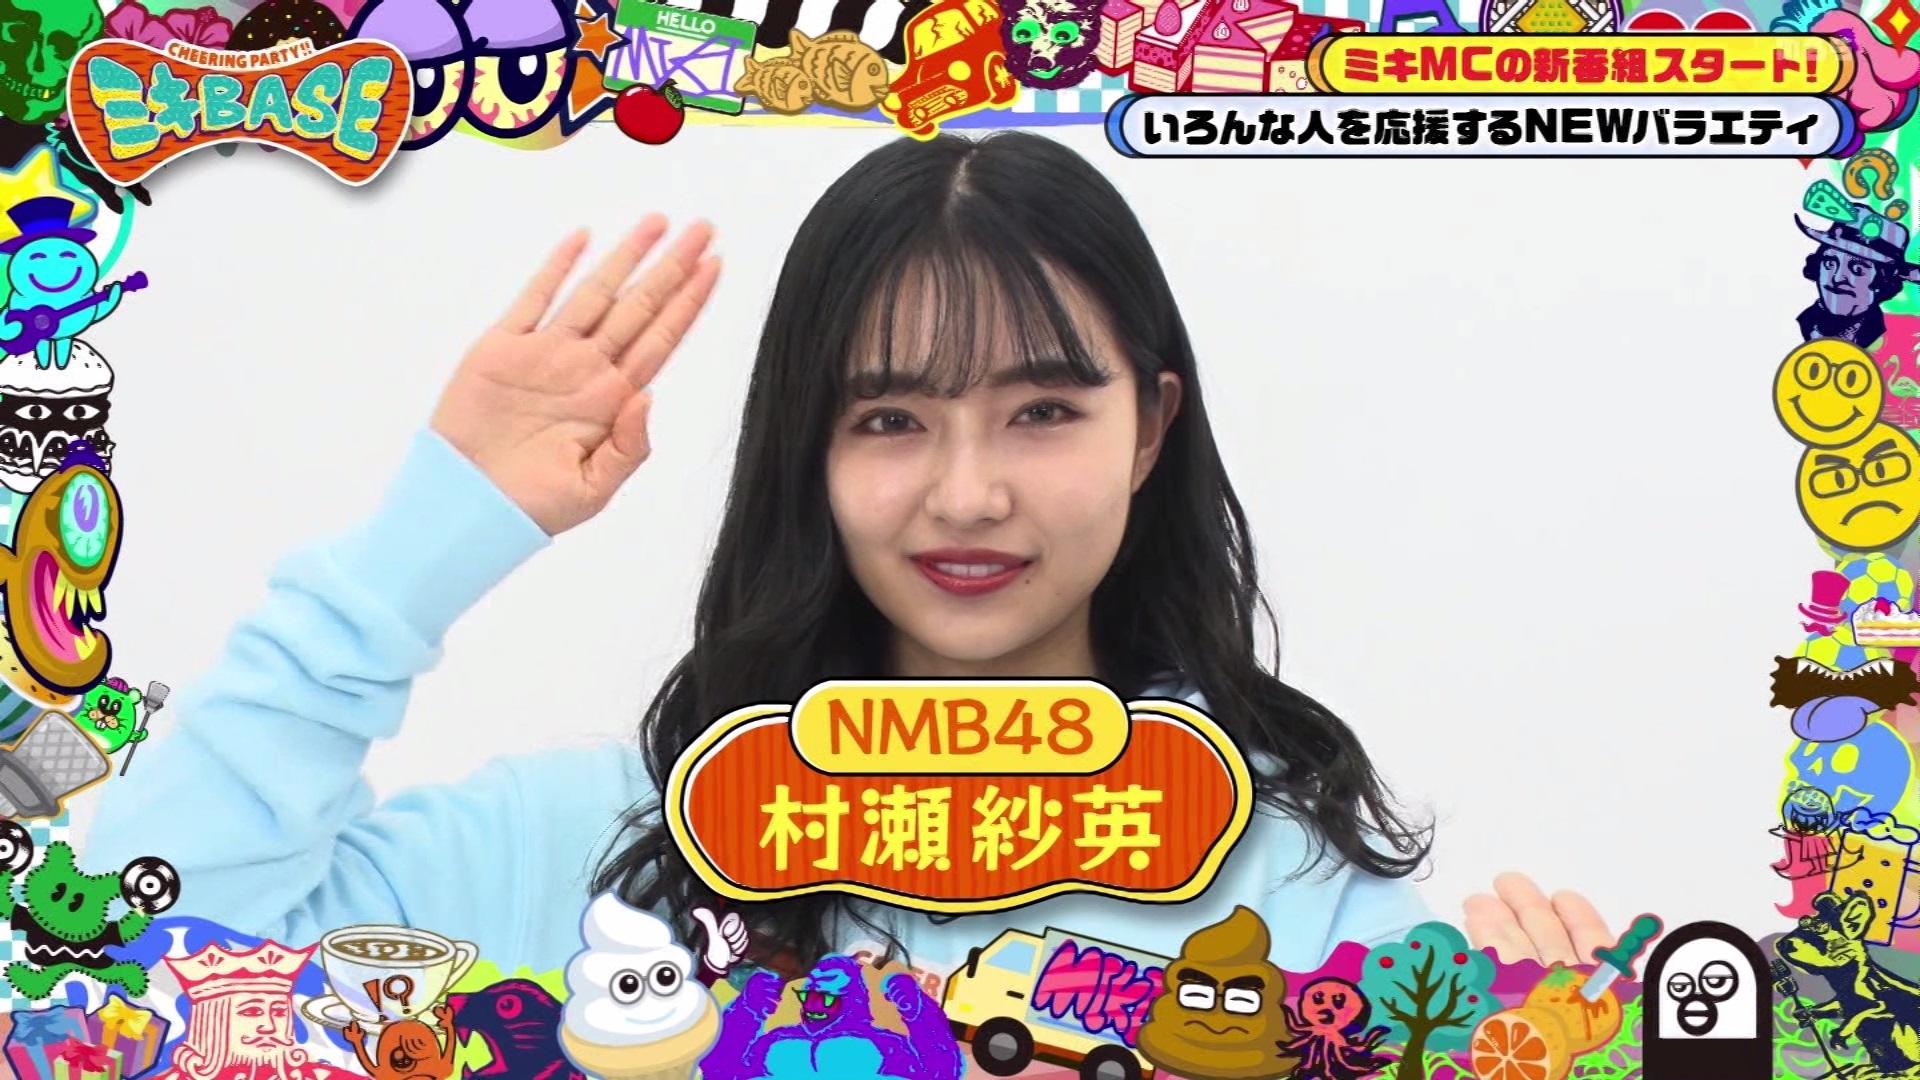 【村瀬紗英】さえぴぃ出演・4月1日に放送「ミキBASE」の画像